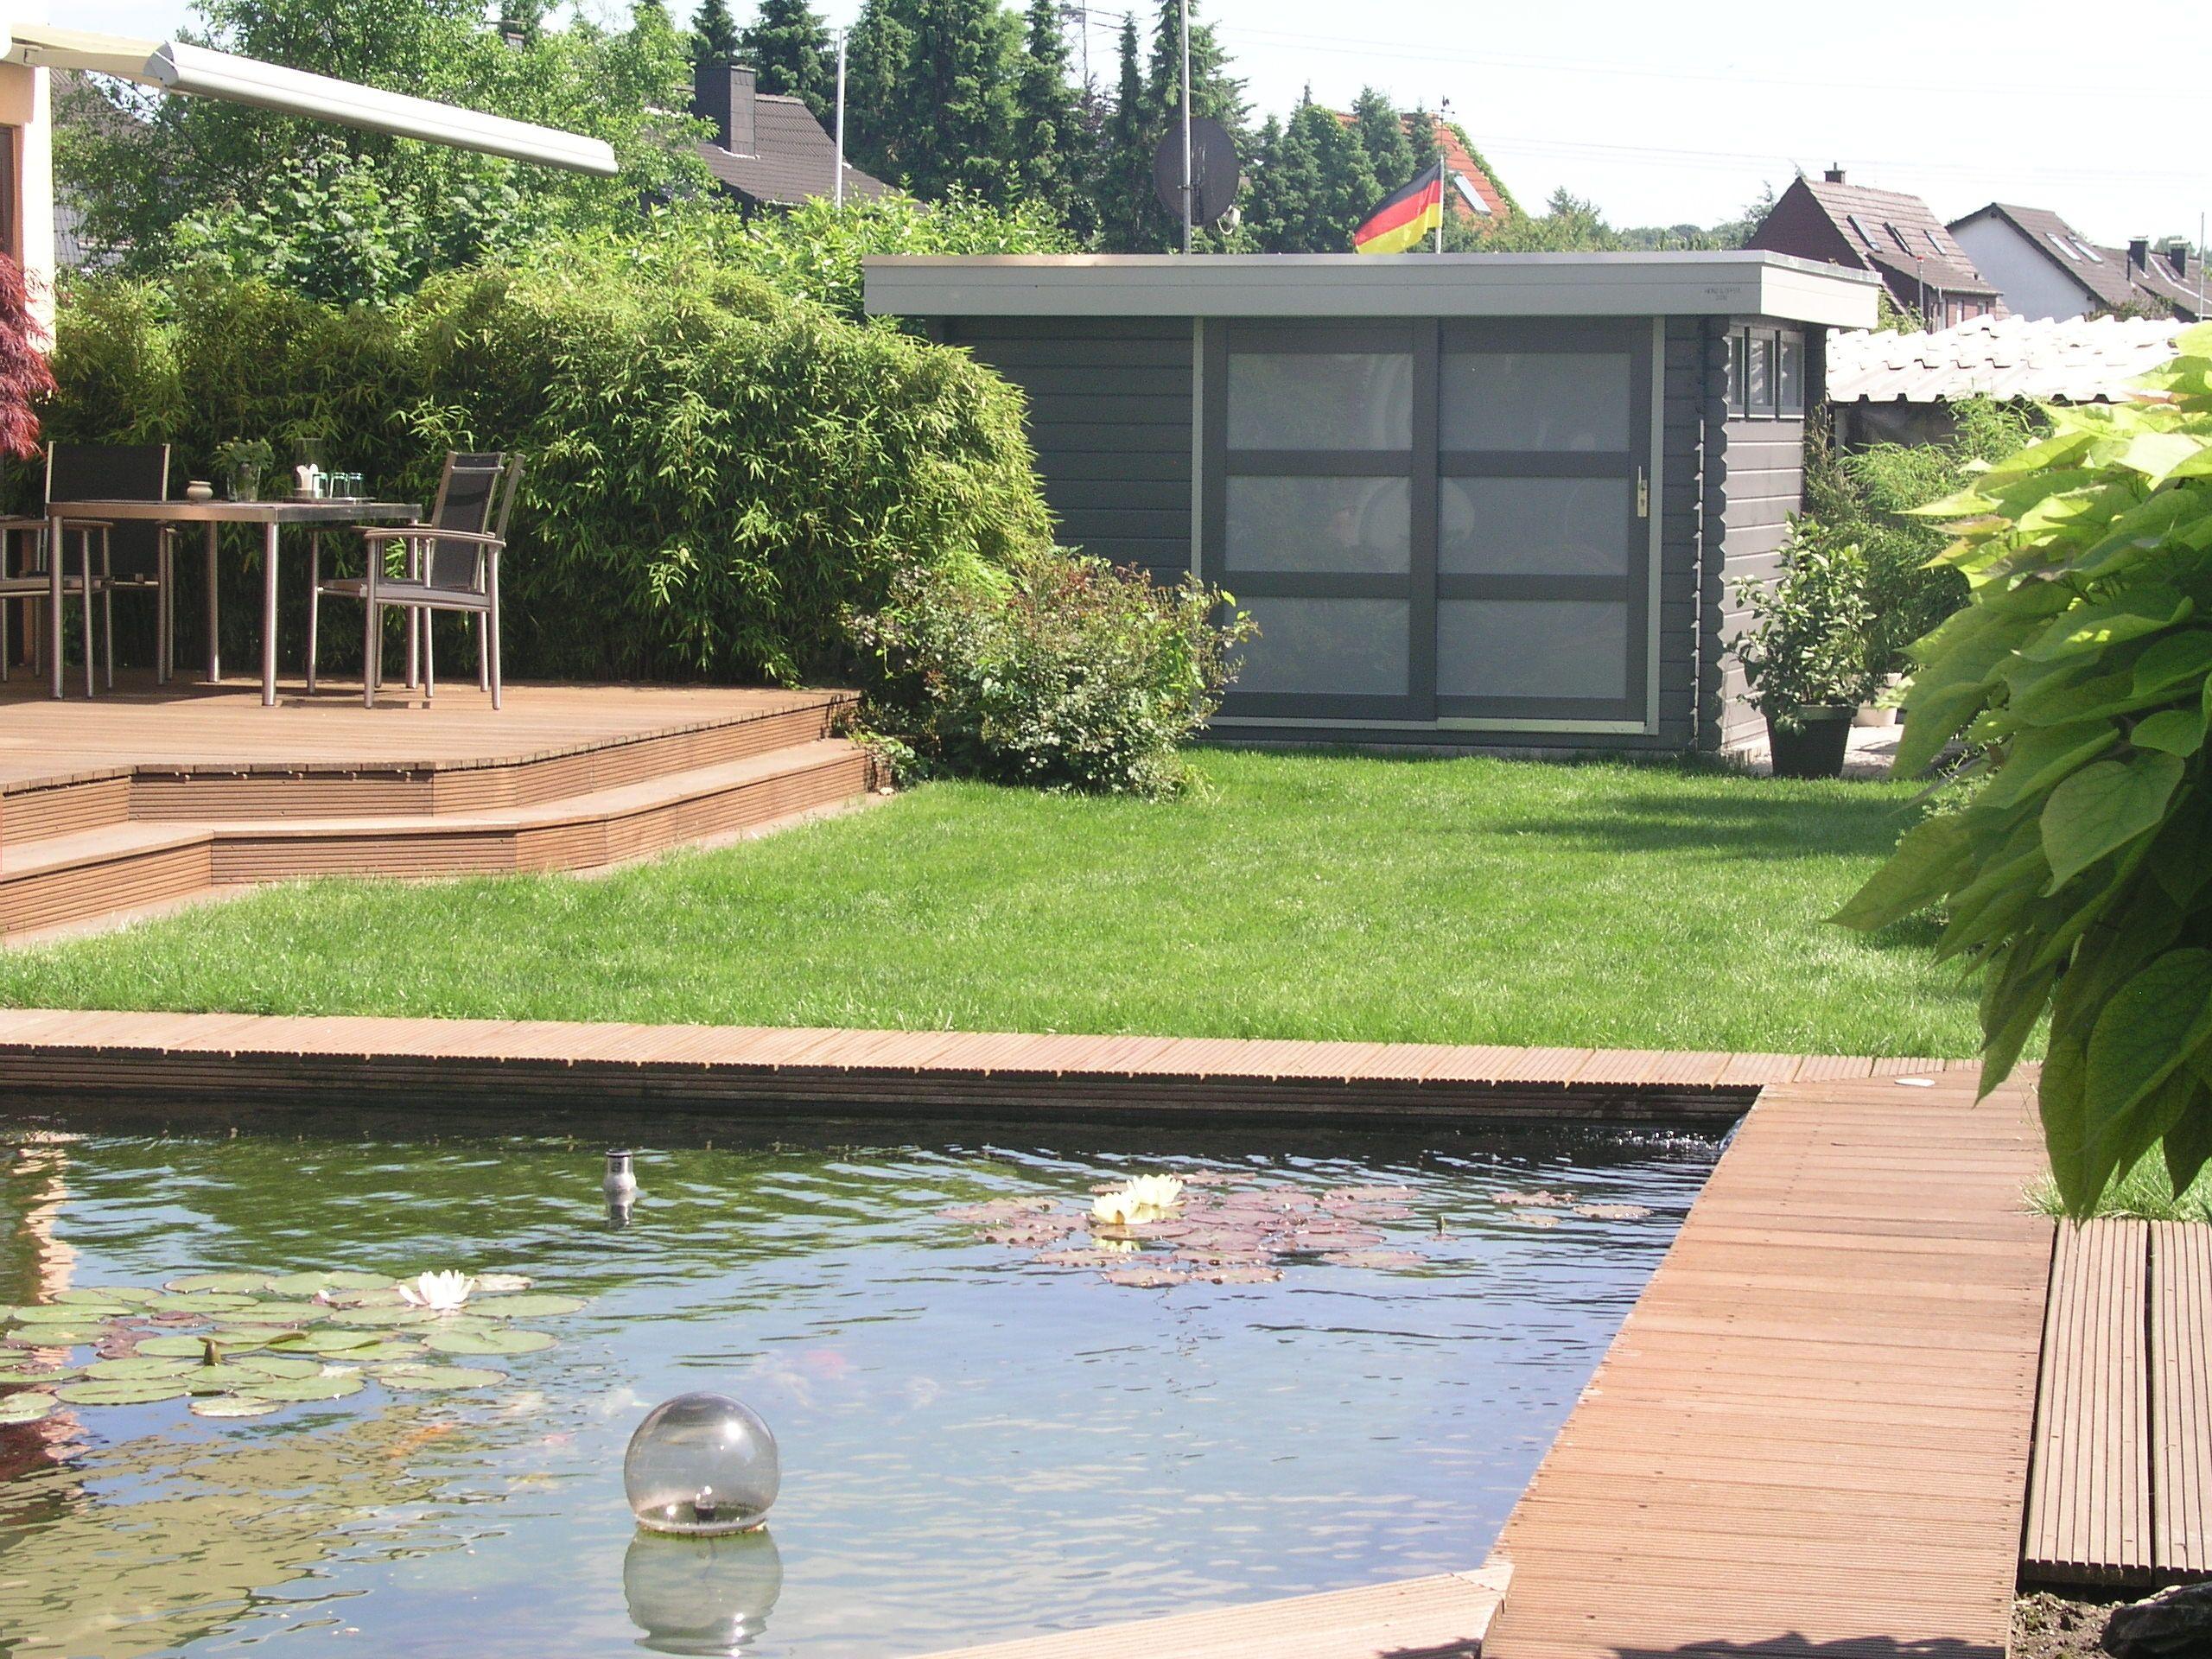 Das moderne Gartenhaus und der stylische Teich passen gut zusammen